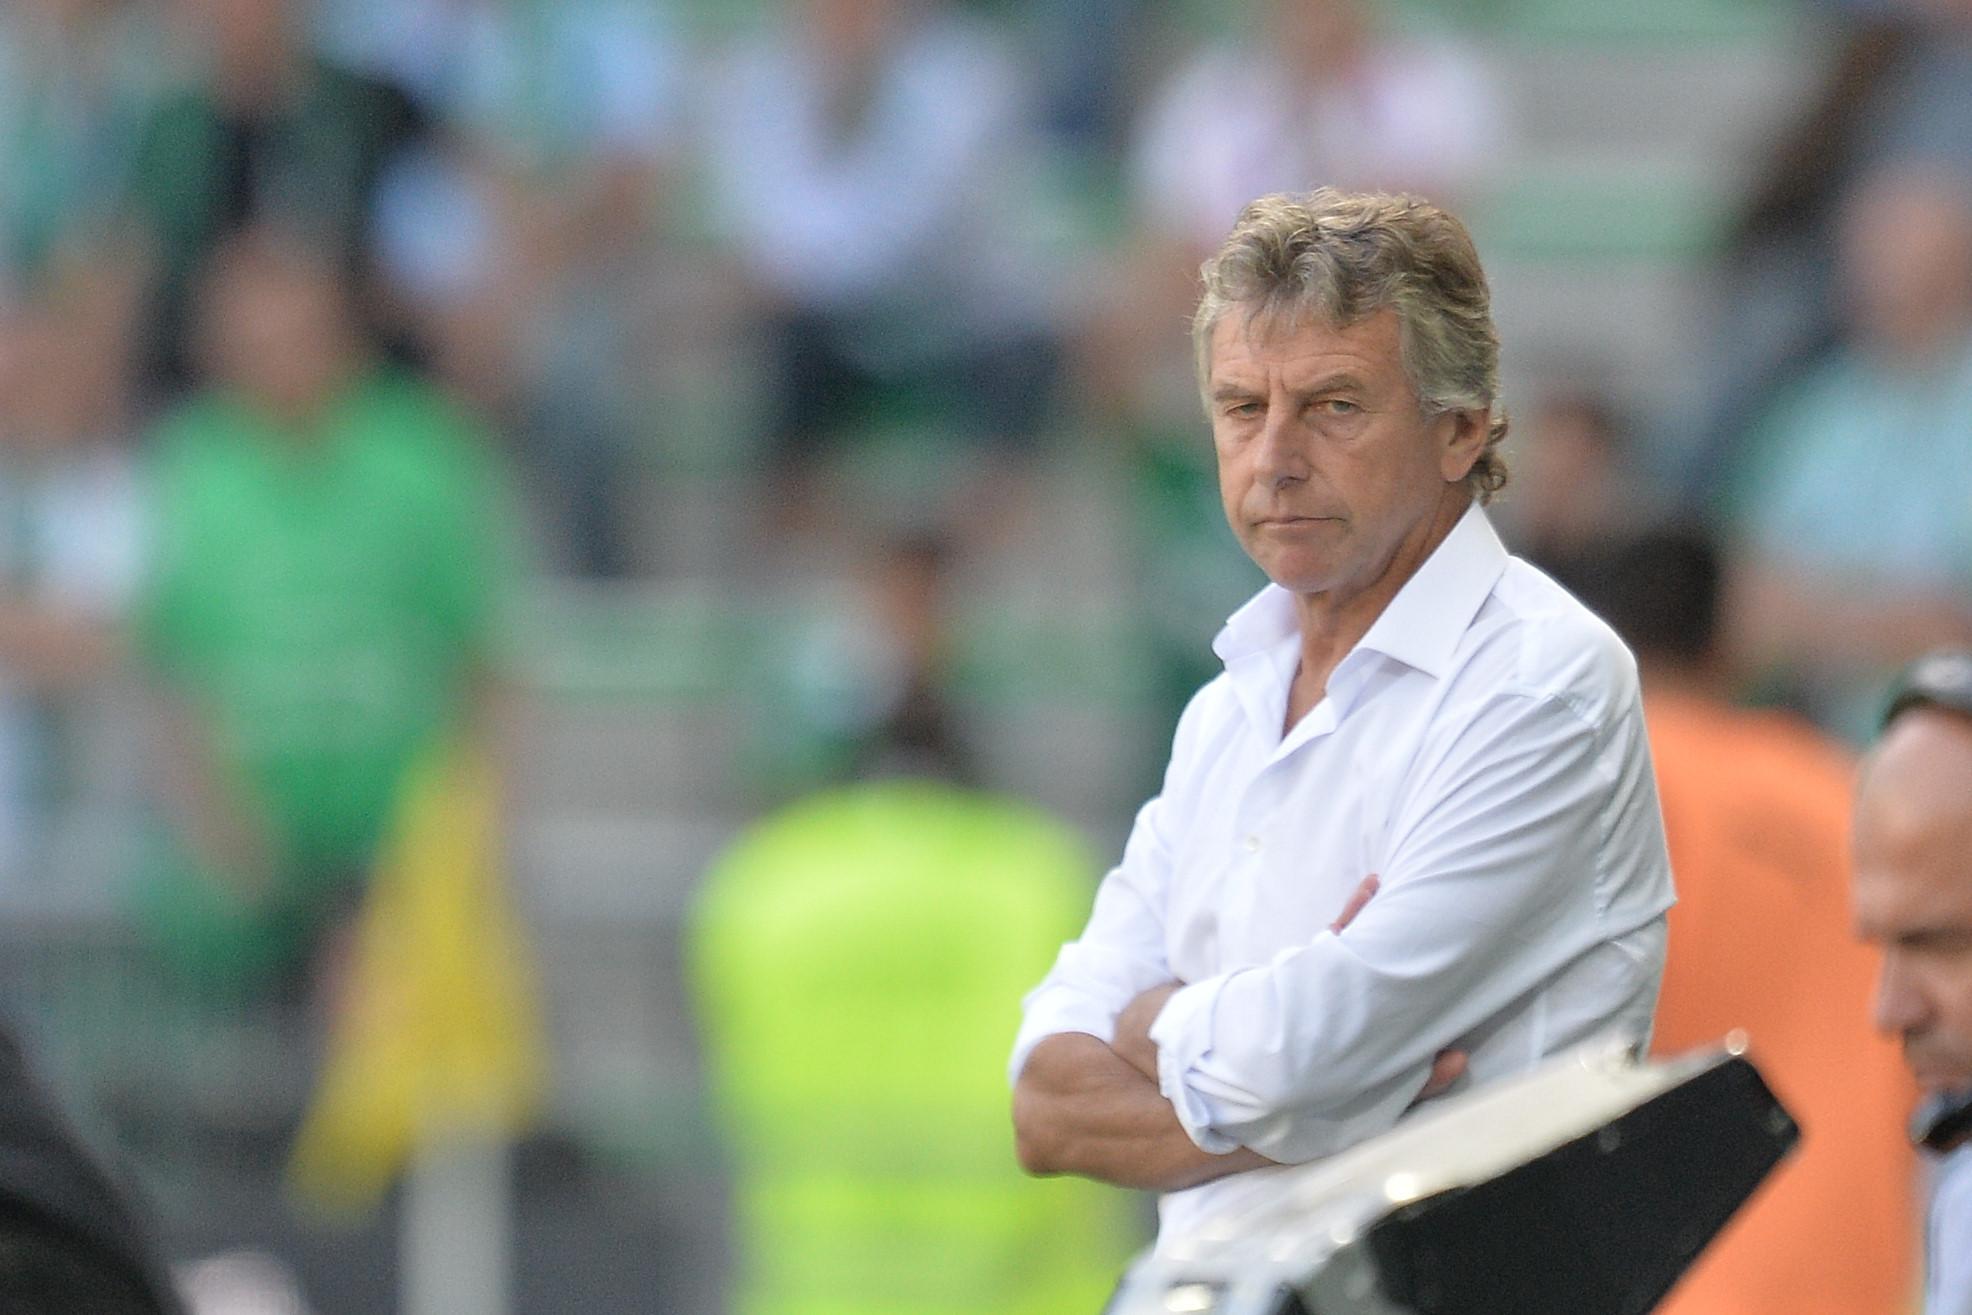 Football - Ligue 1 - Après 5 questions, Gourcuff quitte la conférence de presse